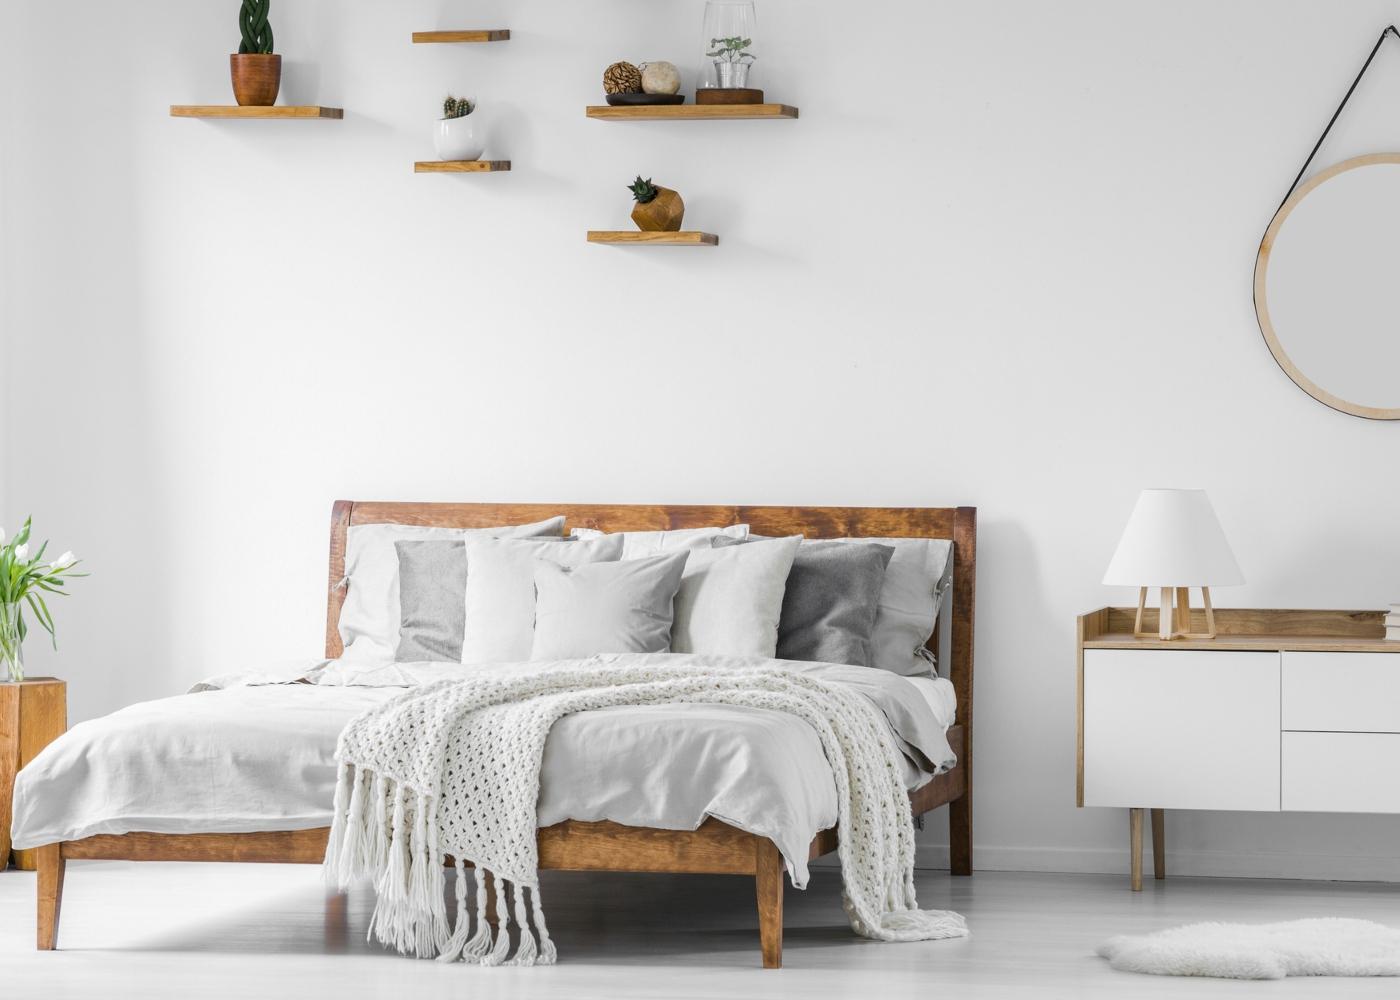 Como dormir bem durante quarentena: quarto relaxante